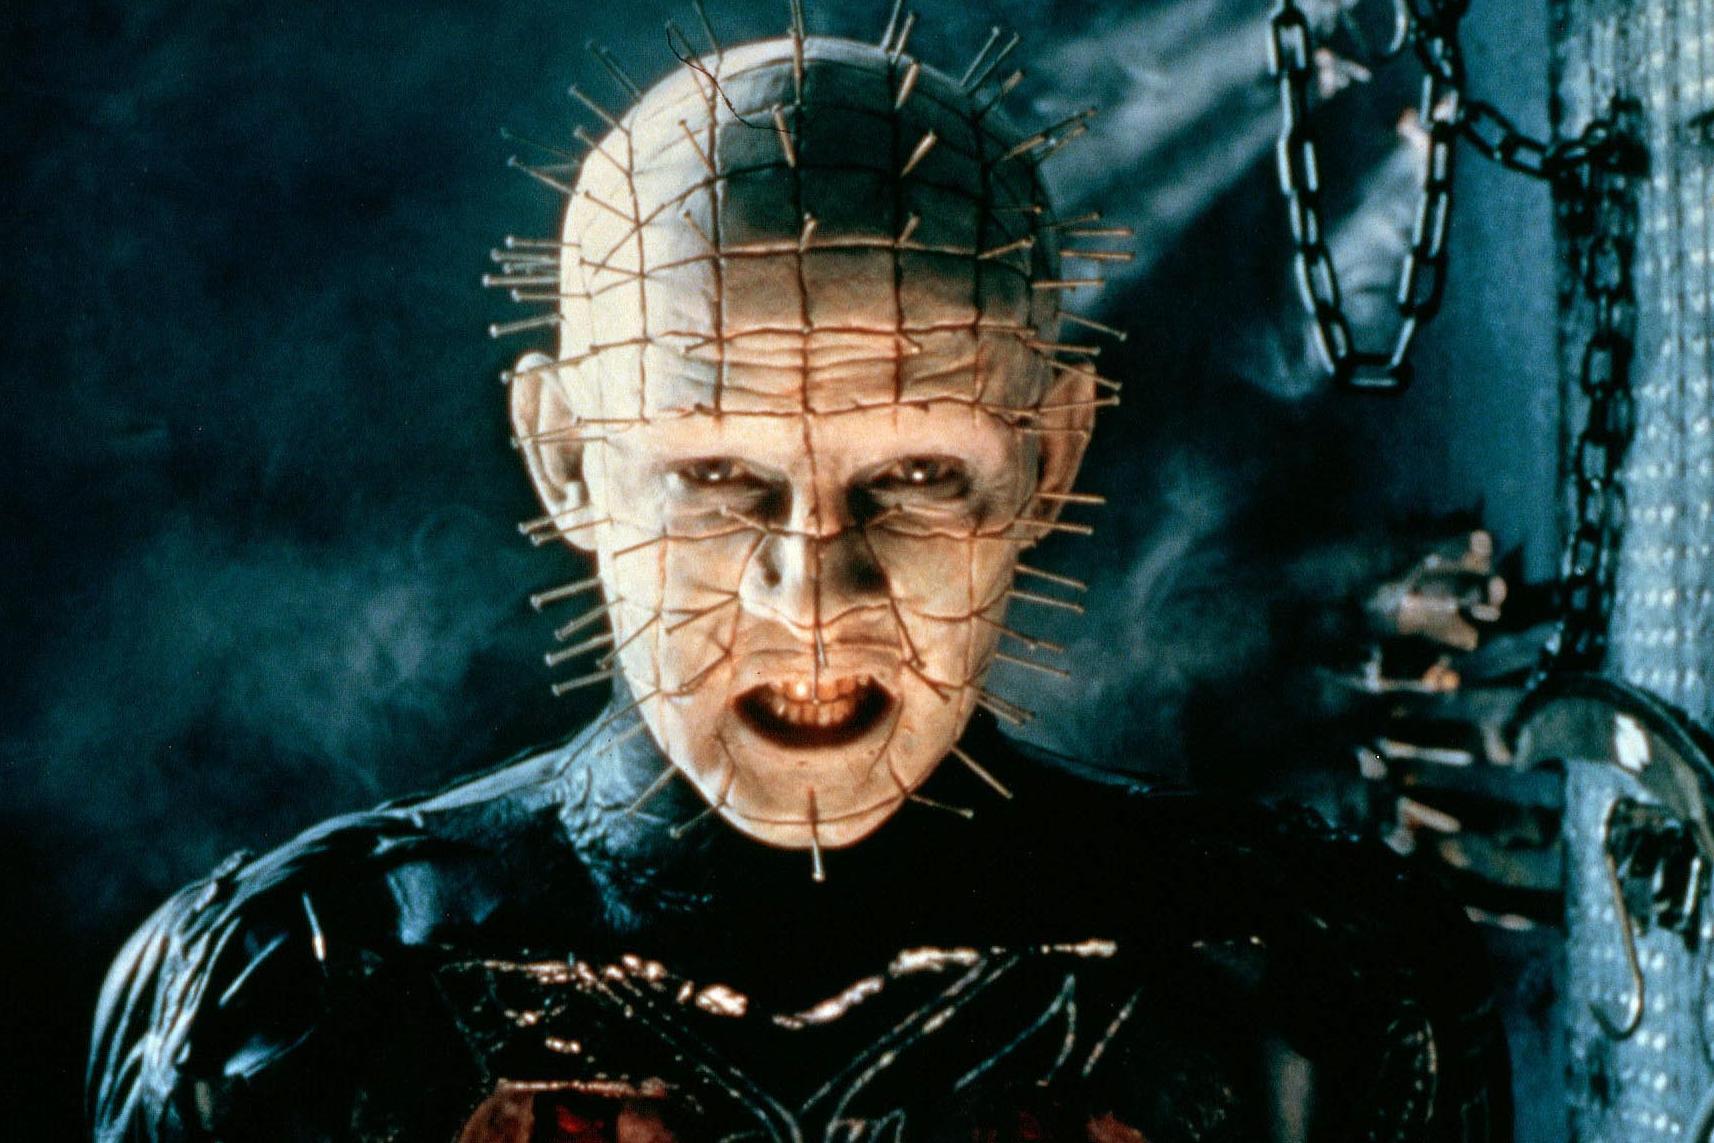 2Fmethode2Ftimes2Fprod2Fweb2Fbin2Fd52da45c af54 11e7 8f75 2b6f1159f66f 20 Horror Movies That Defined The 1980s